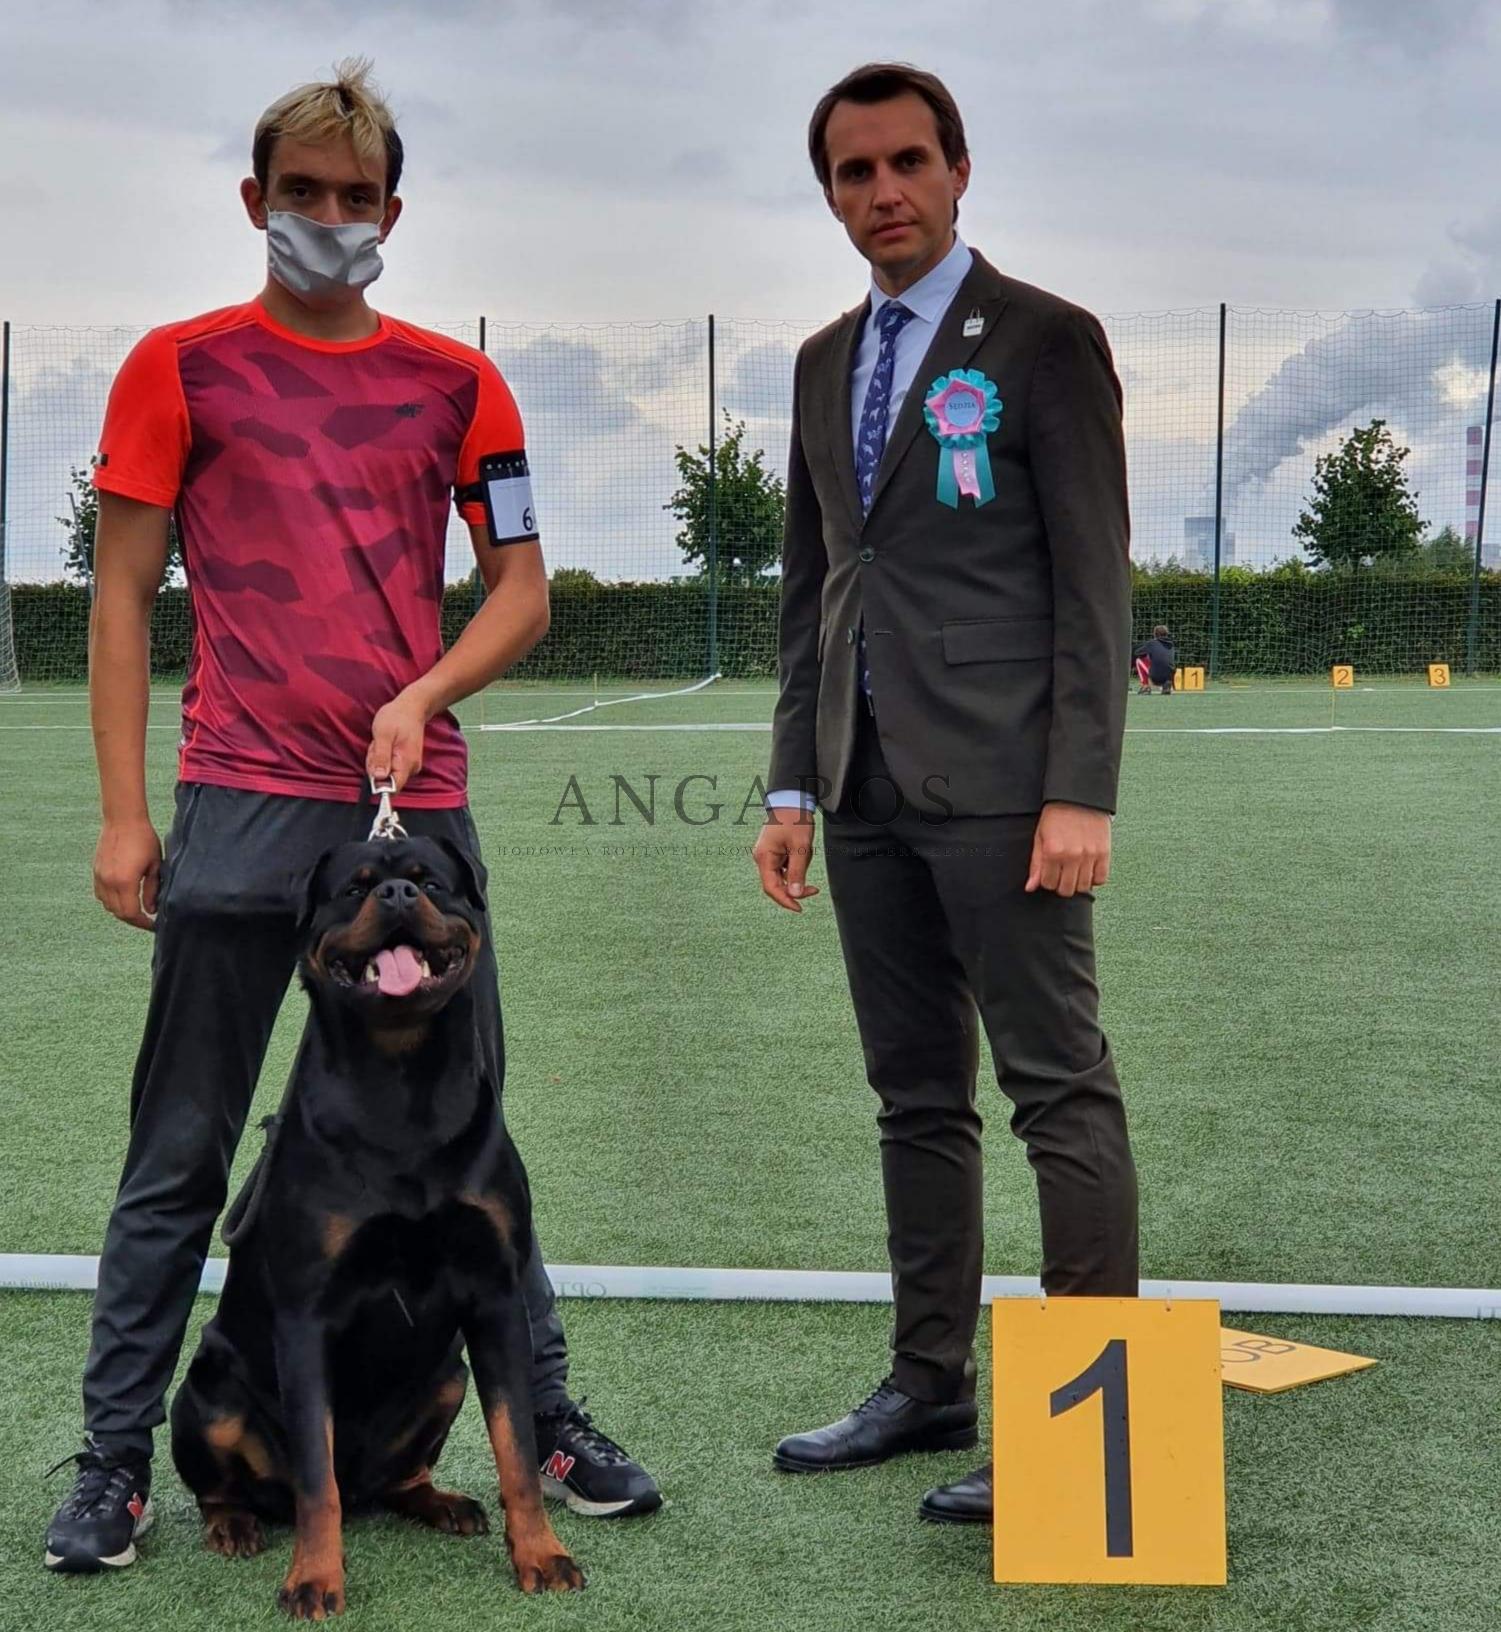 MAX Angaros Zwycięzcą klasy pośredniej Krajowej Wystawy Psów Rasowych w Kleszczowie 29.08.2020 r. | Rottweiler - Hodowla Rottweilerów Angaros - Rottweilers - Rottweilery